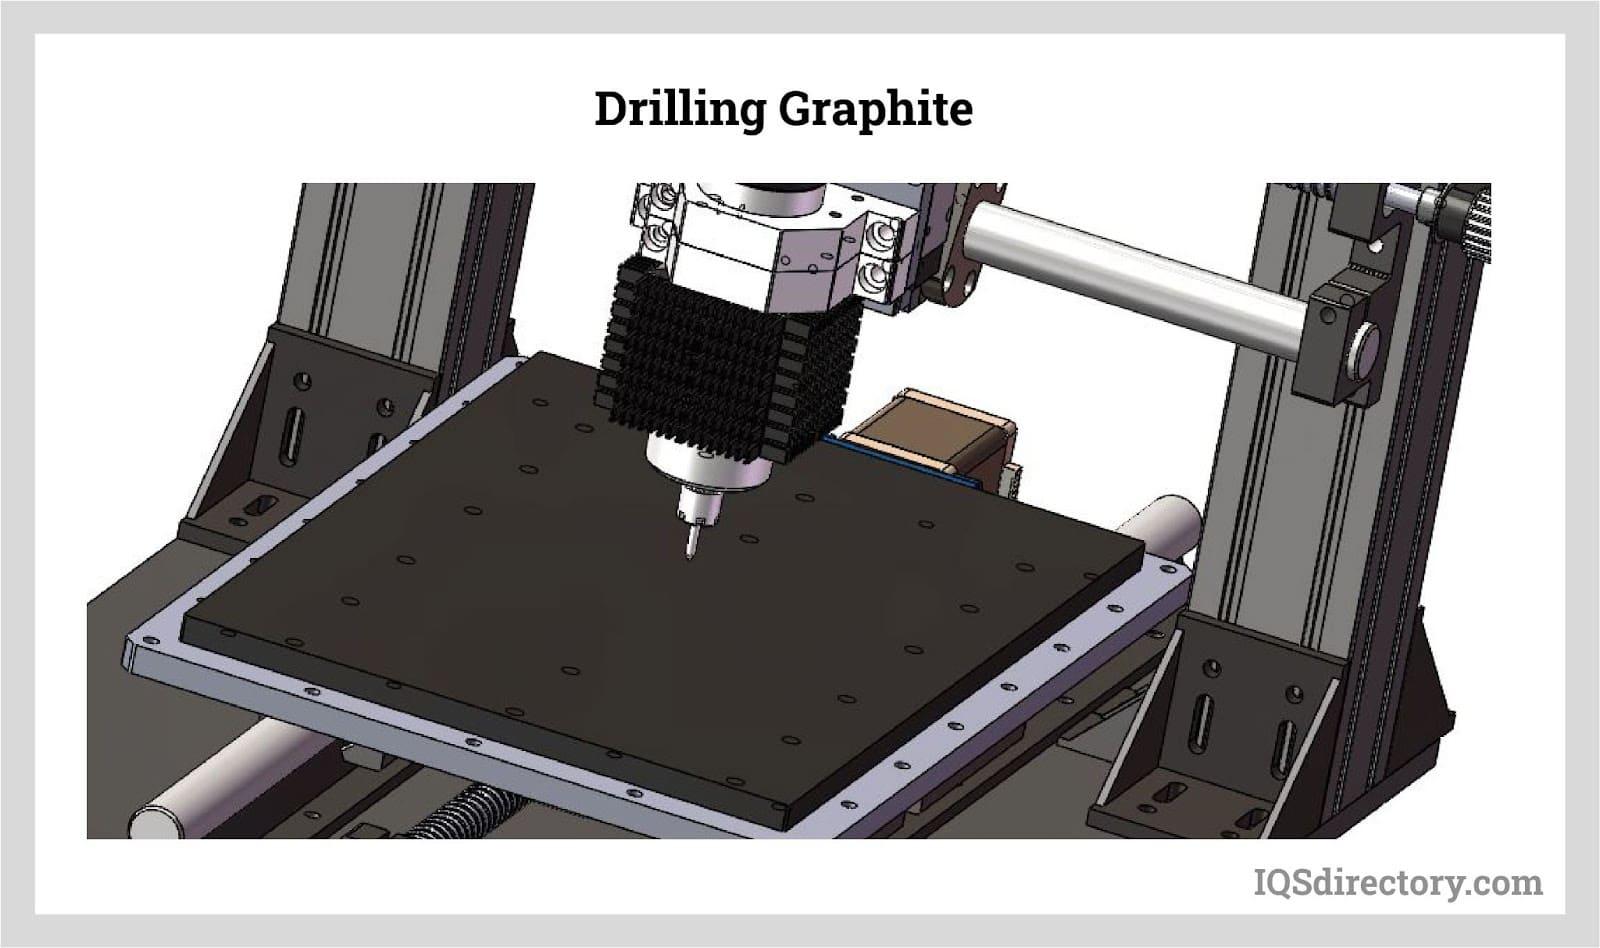 Drilling Graphite